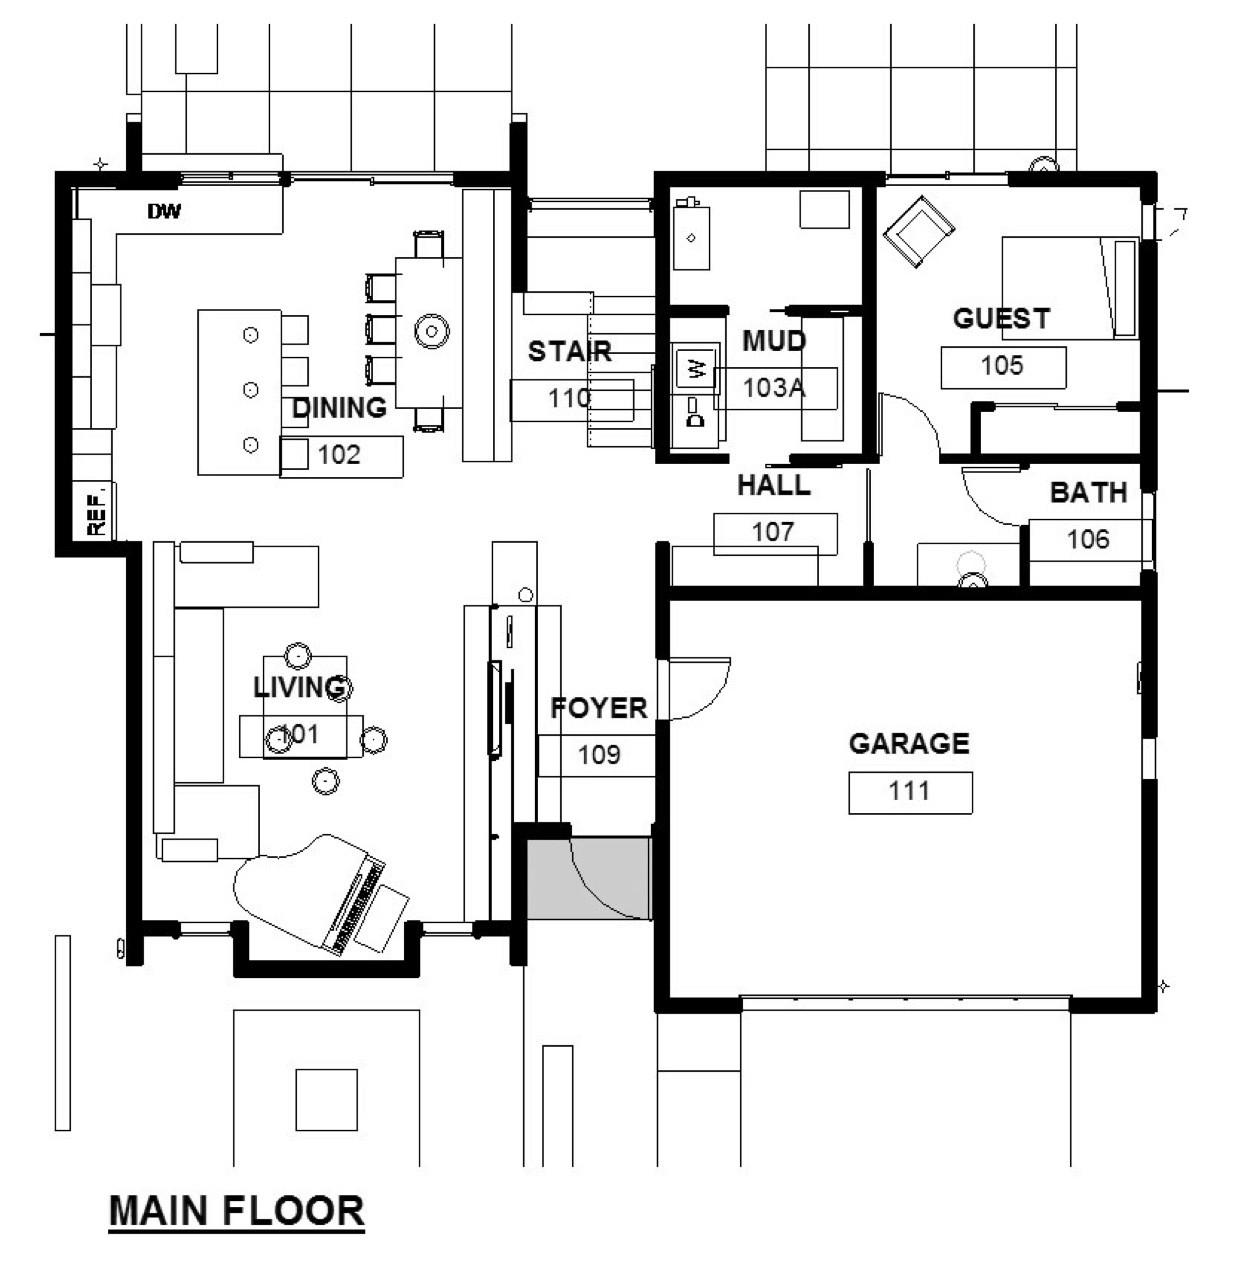 501454d028ba0d5b49000aa1 Green Concept Home Modus V Studio Architects Floor Plan on Green Concept Home Modus V Studio Architects